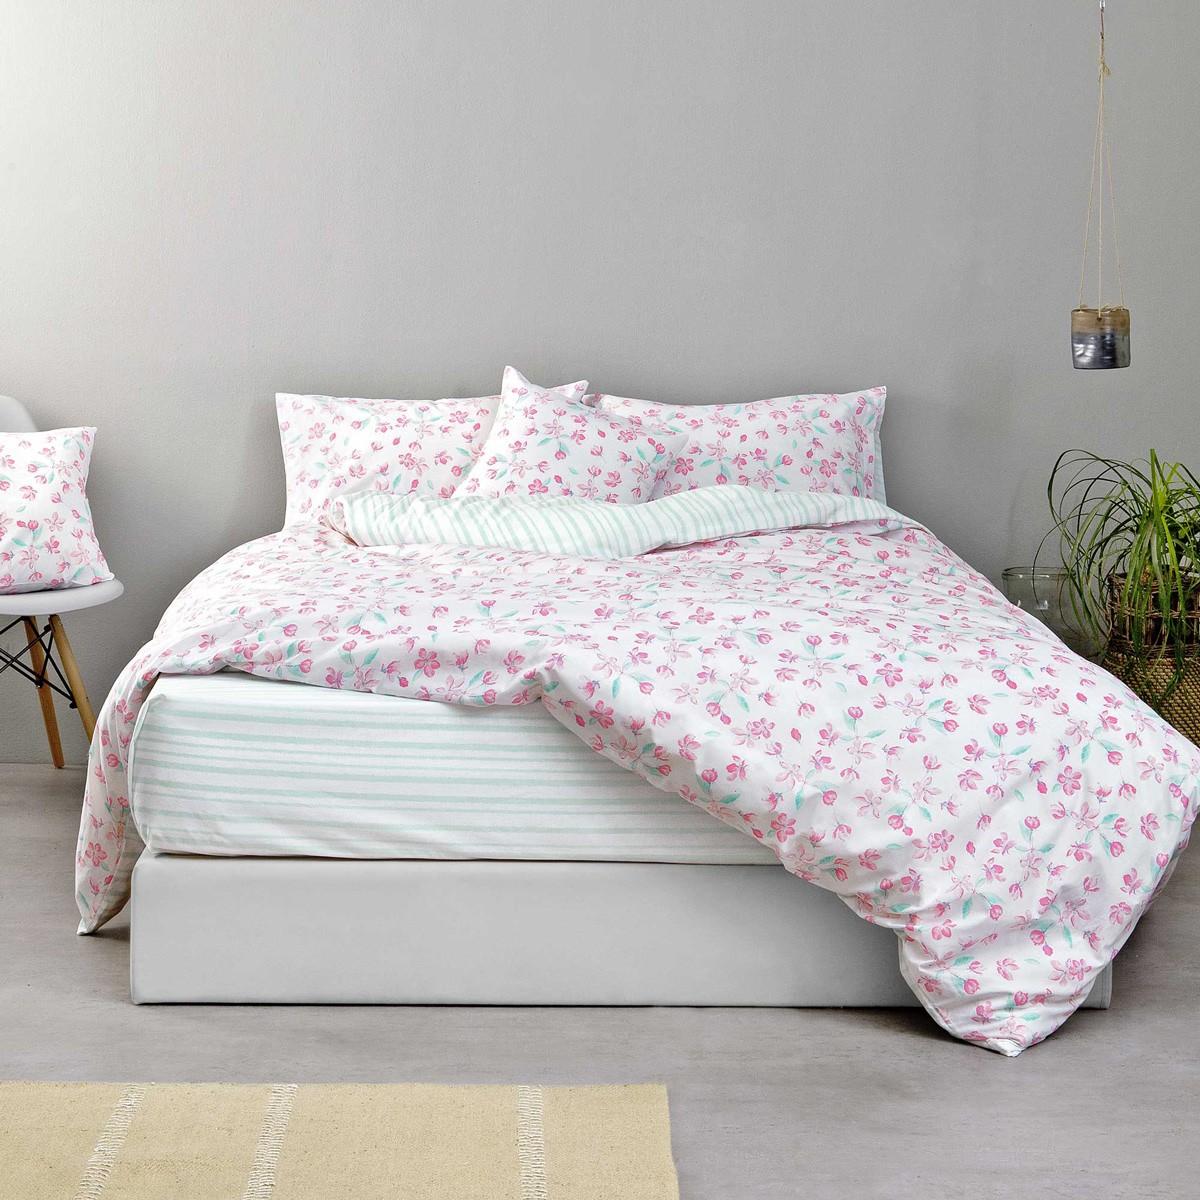 Σεντόνια Μονά (Σετ) Nima Bed Linen Water Lily Pink ΧΩΡΙΣ ΛΑΣΤΙΧΟ ΧΩΡΙΣ ΛΑΣΤΙΧΟ